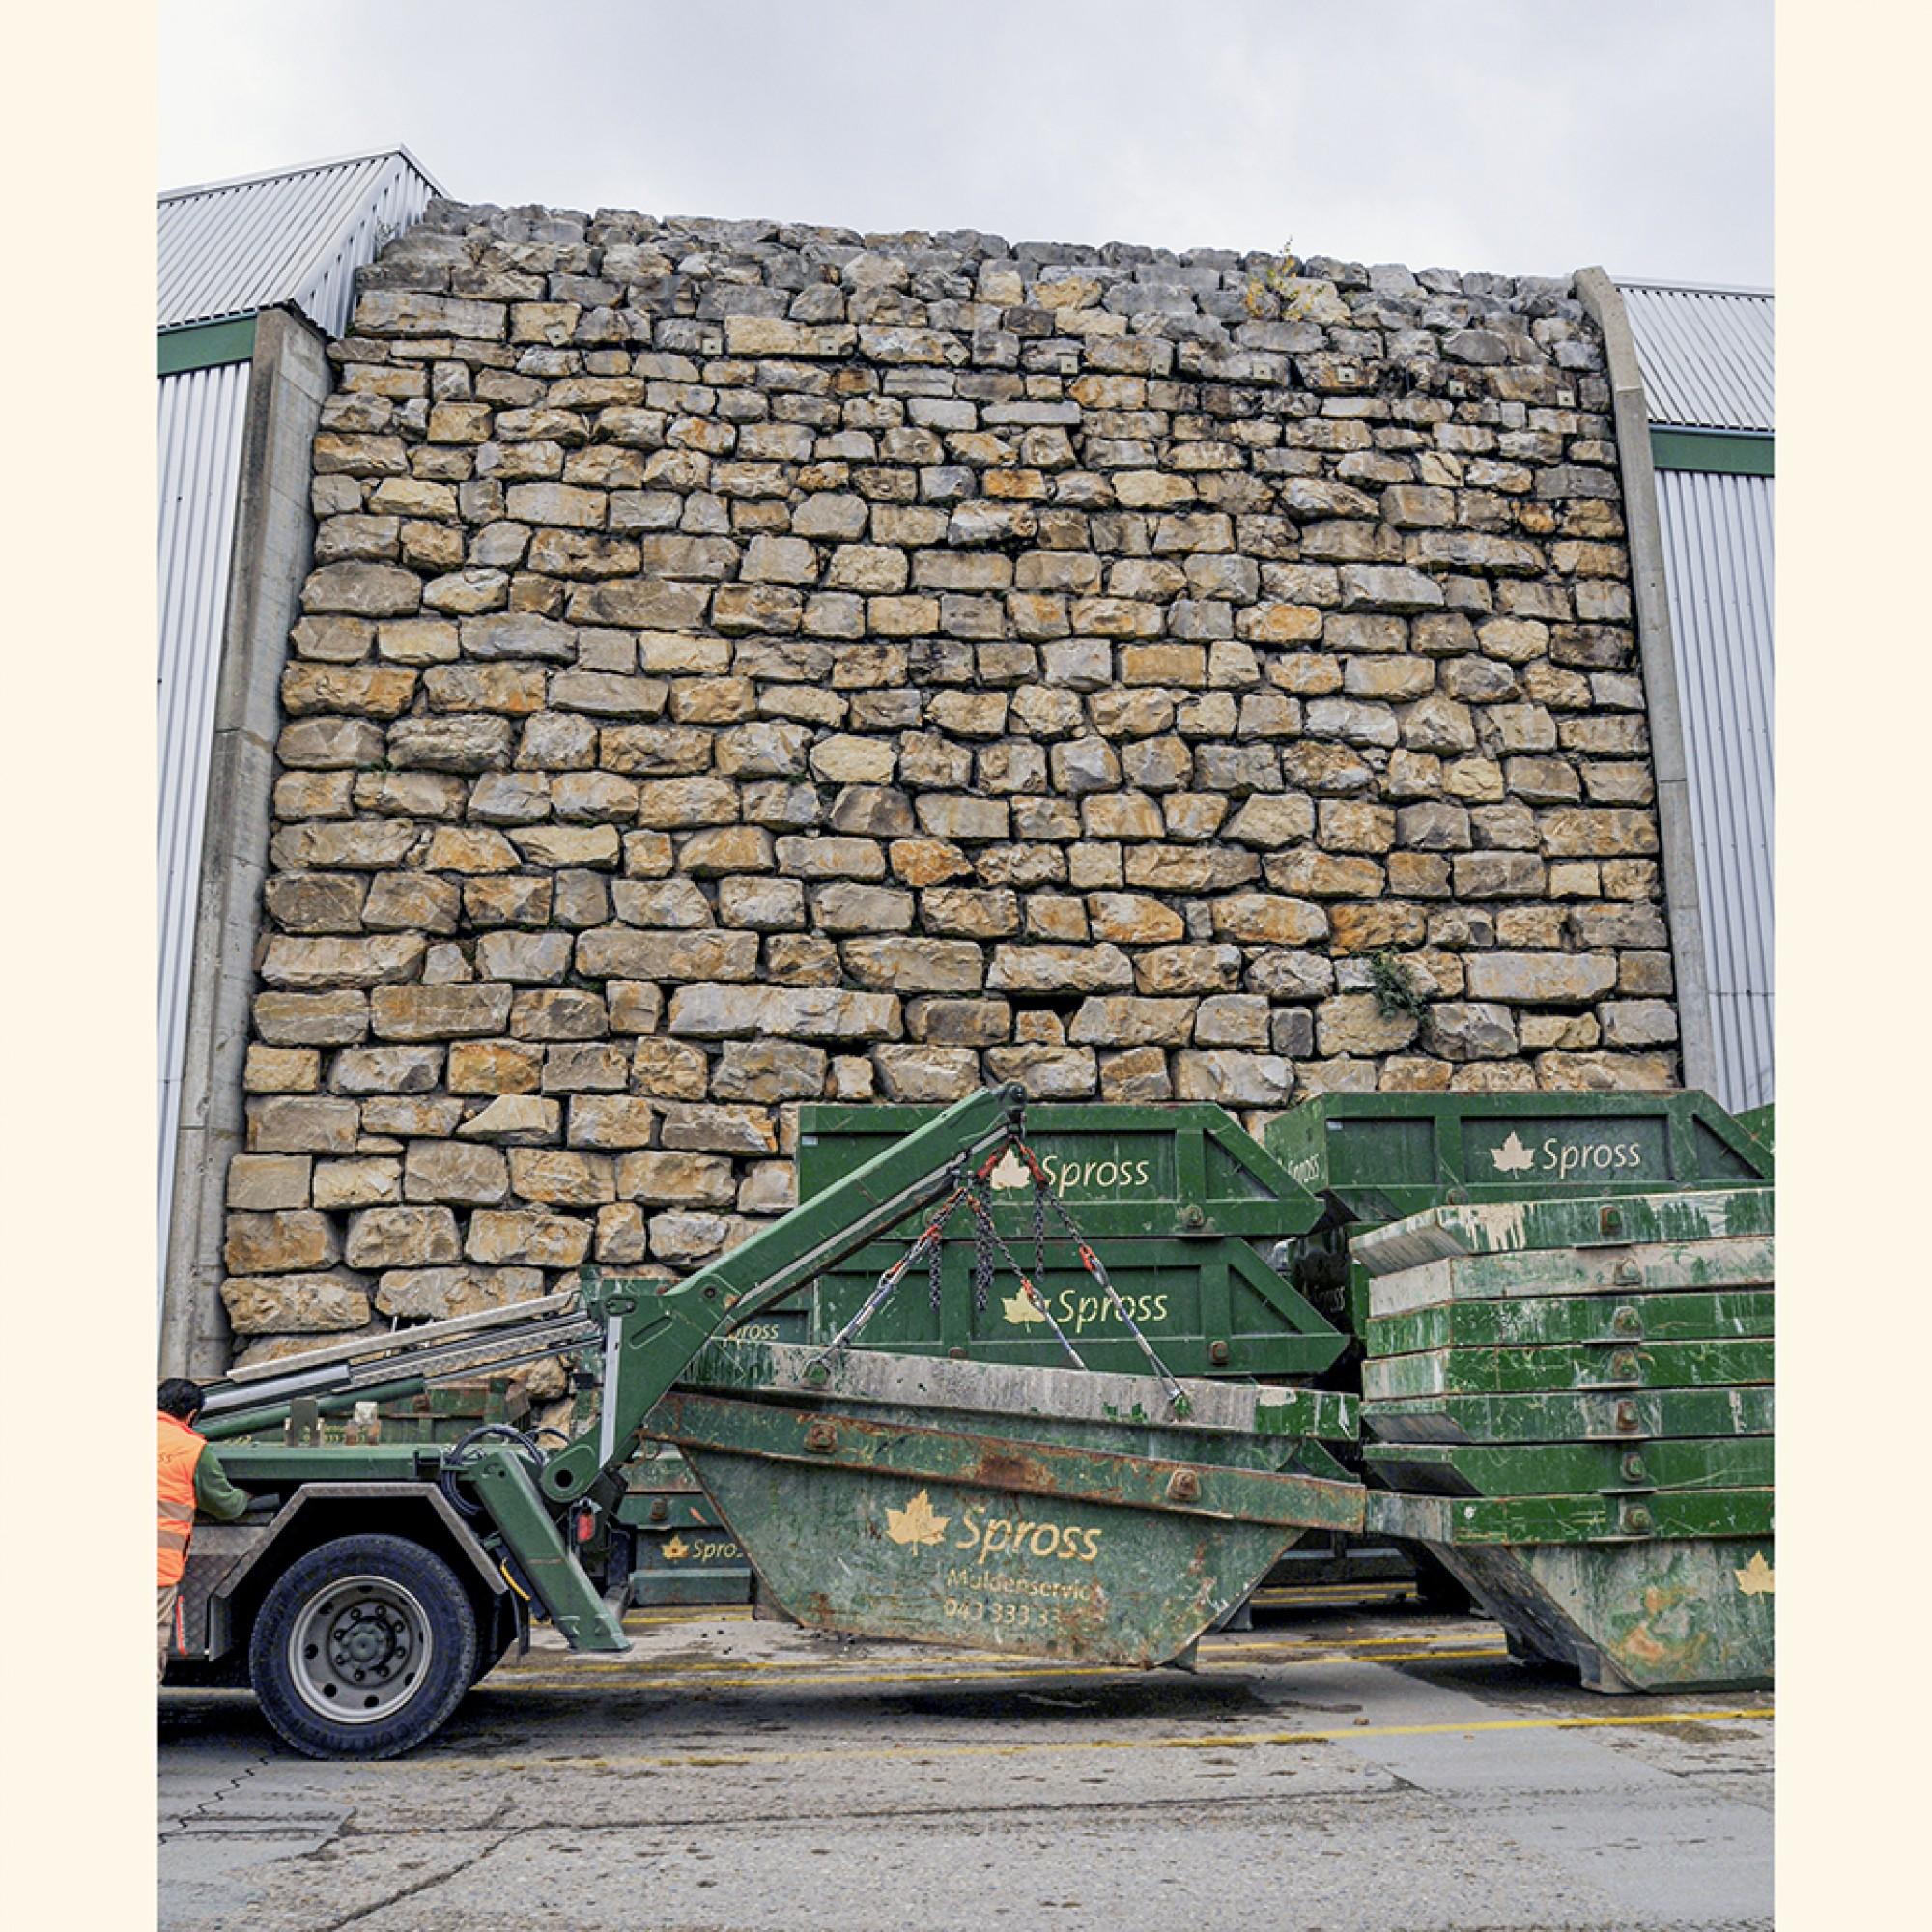 Wahrzeichen und ökologische Nische: Die Eidechsenmauer stammt aus dem Jahr 1991, als die allererste Anlage auf dem Areal errichtet wurde.